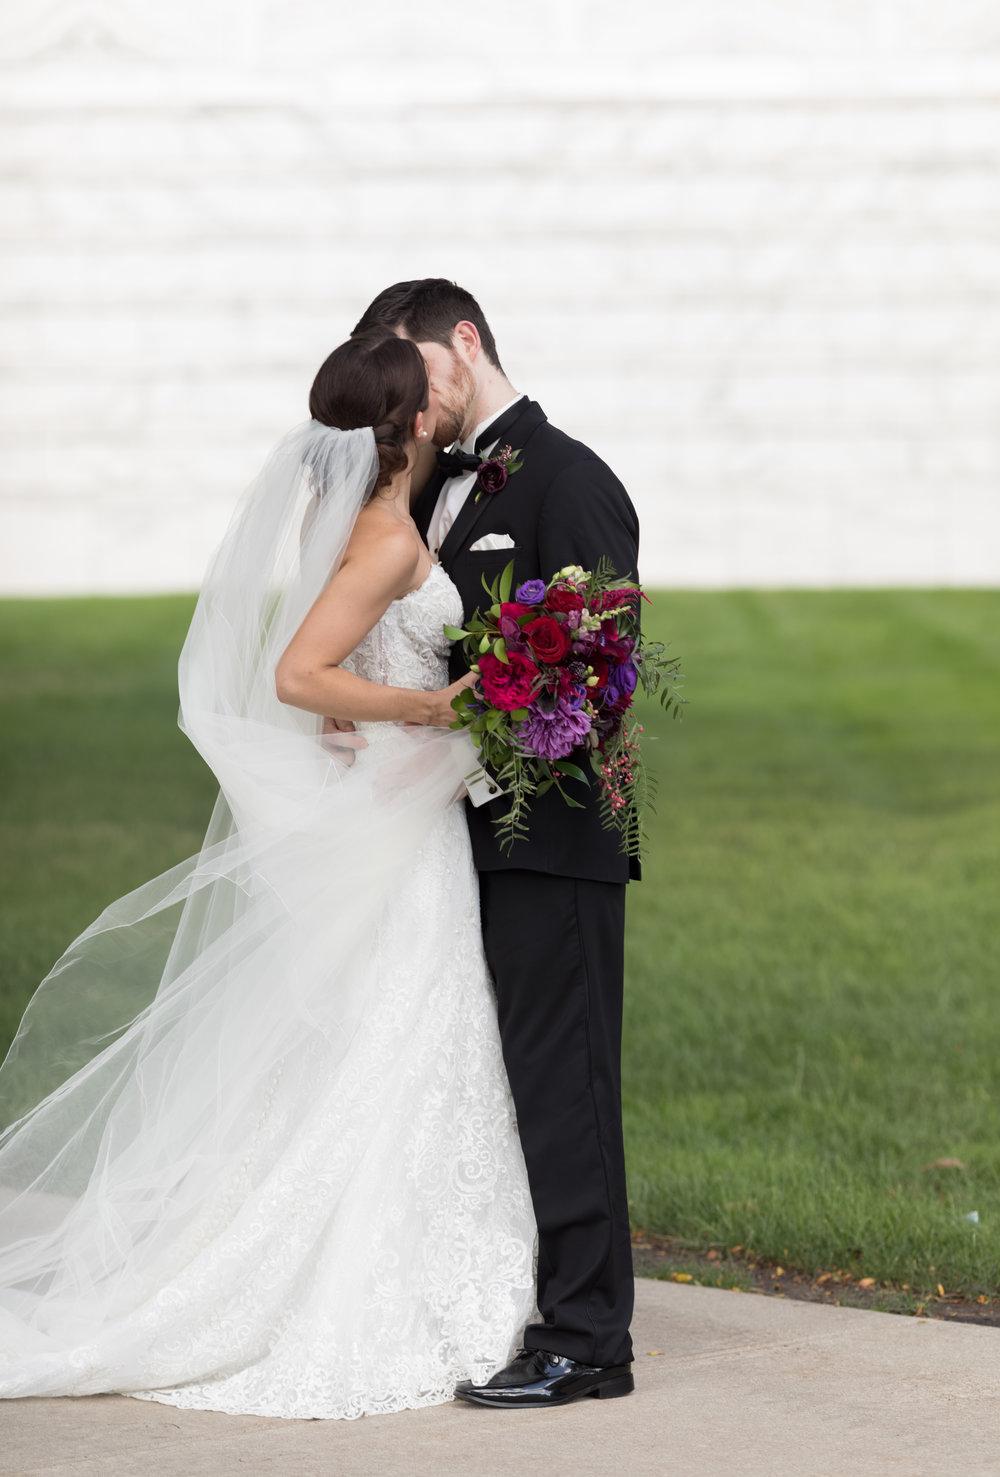 shareyah_John_detroit_wedding_preview_055.JPG